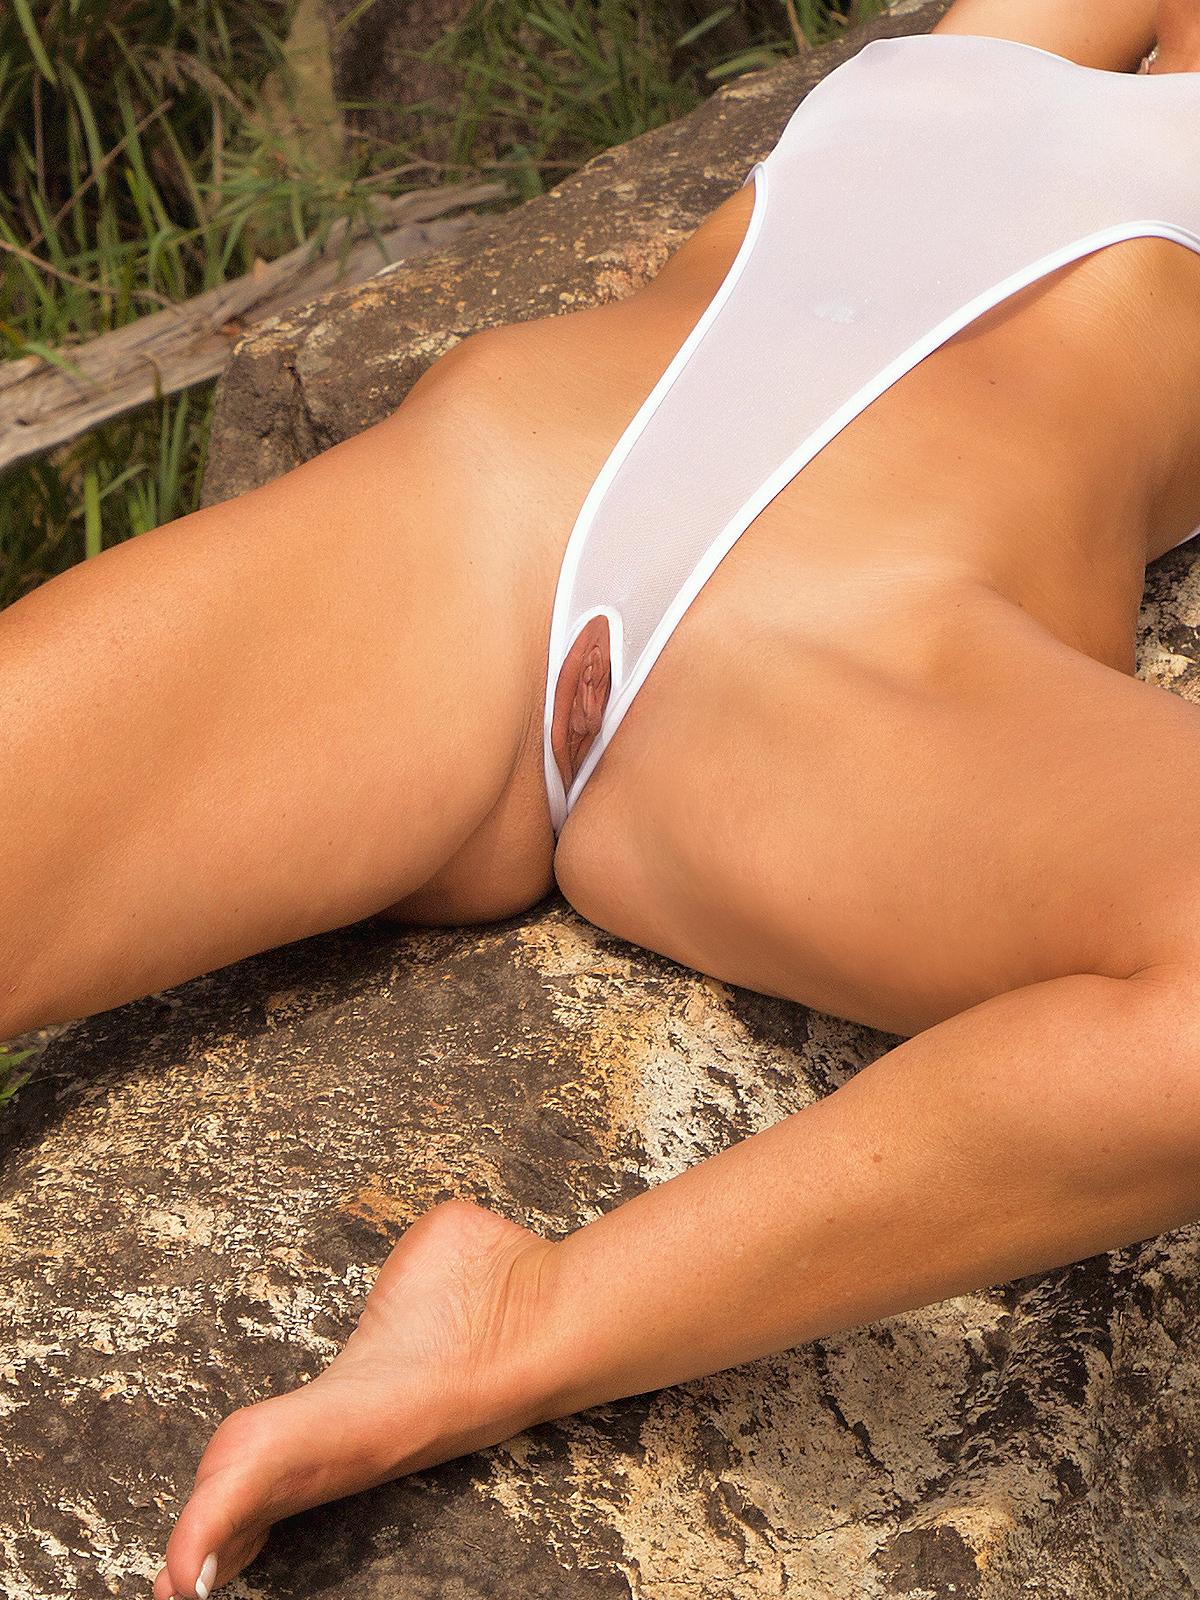 Micro bikini see thru onepiece video